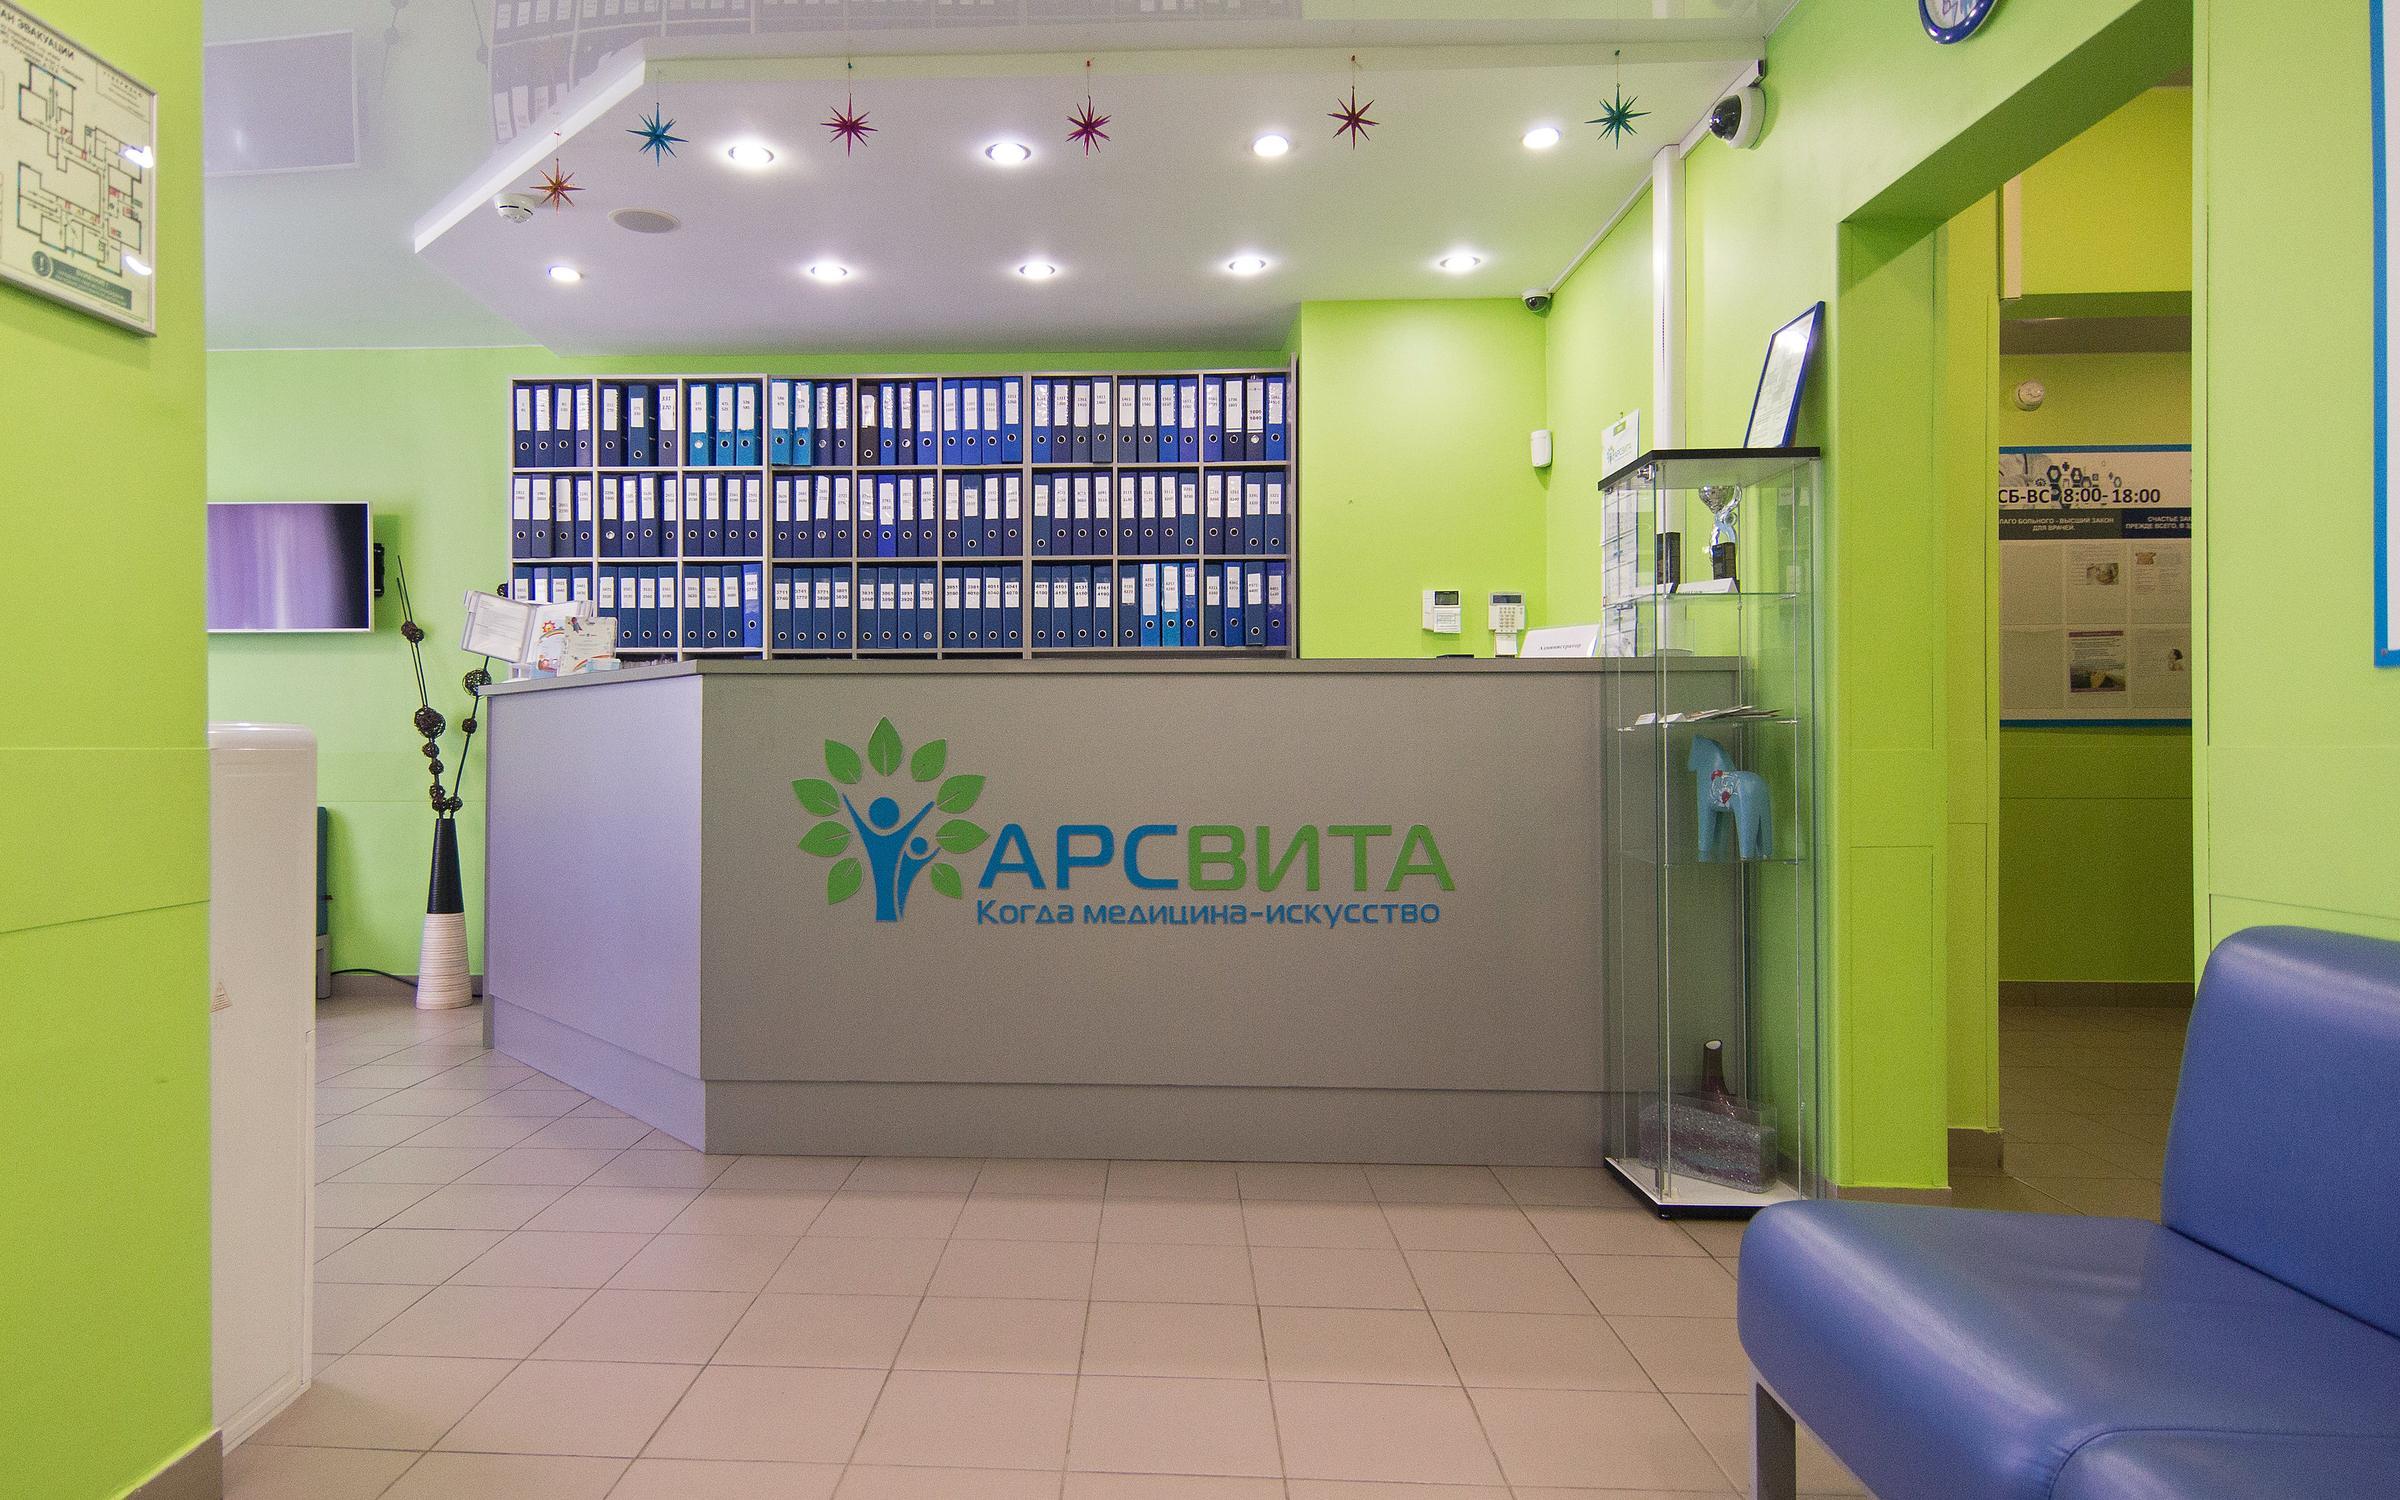 фотография Медицинского центра АрсВита в Одинцово